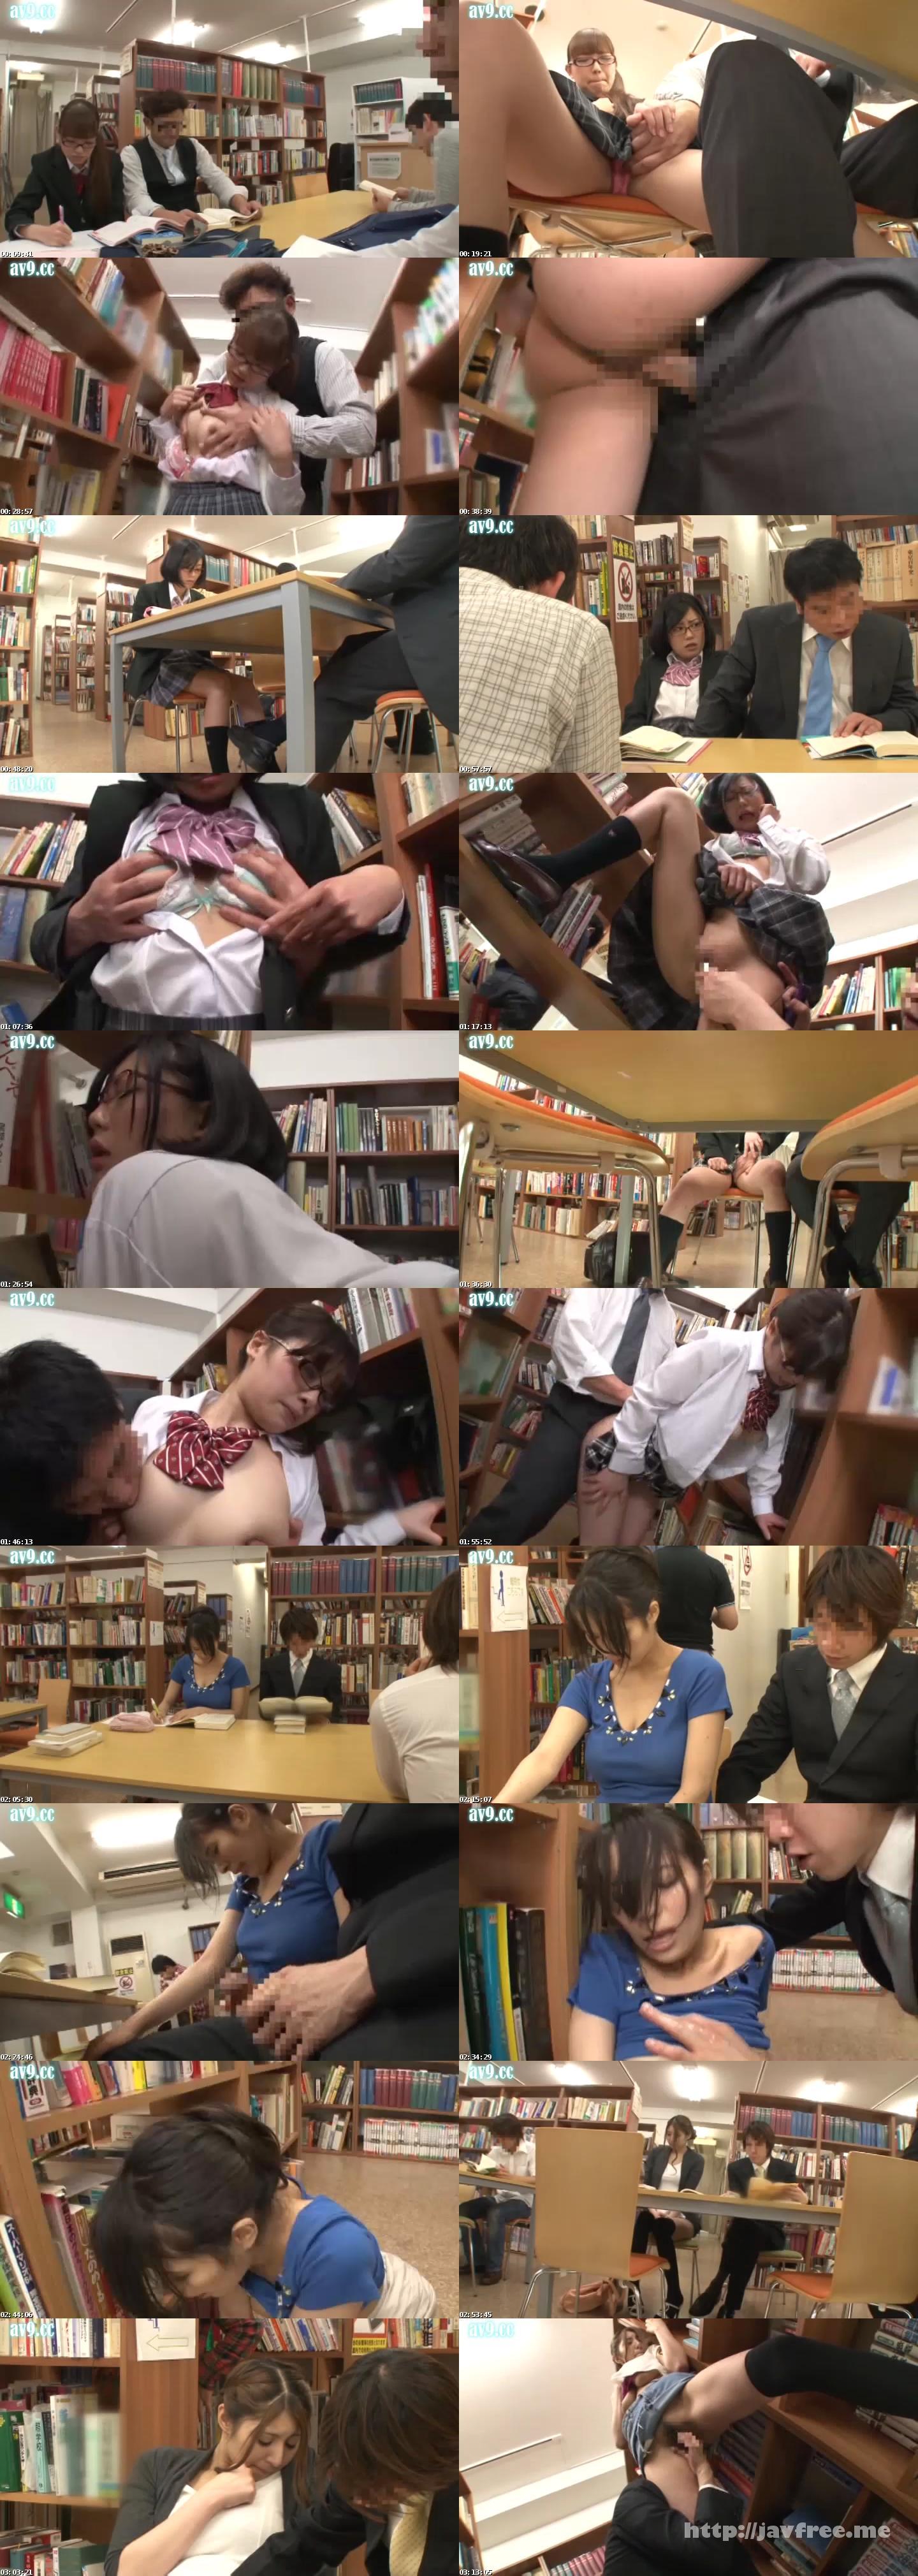 [HUNT 892] 図書館足からませ痴漢 図書館で強引に足をからませても抵抗出来ない気弱まじめ女子に痴漢したら、ビックリするくらい爆濡れになり嫌がるどころか僕を求めて来た! HUNT